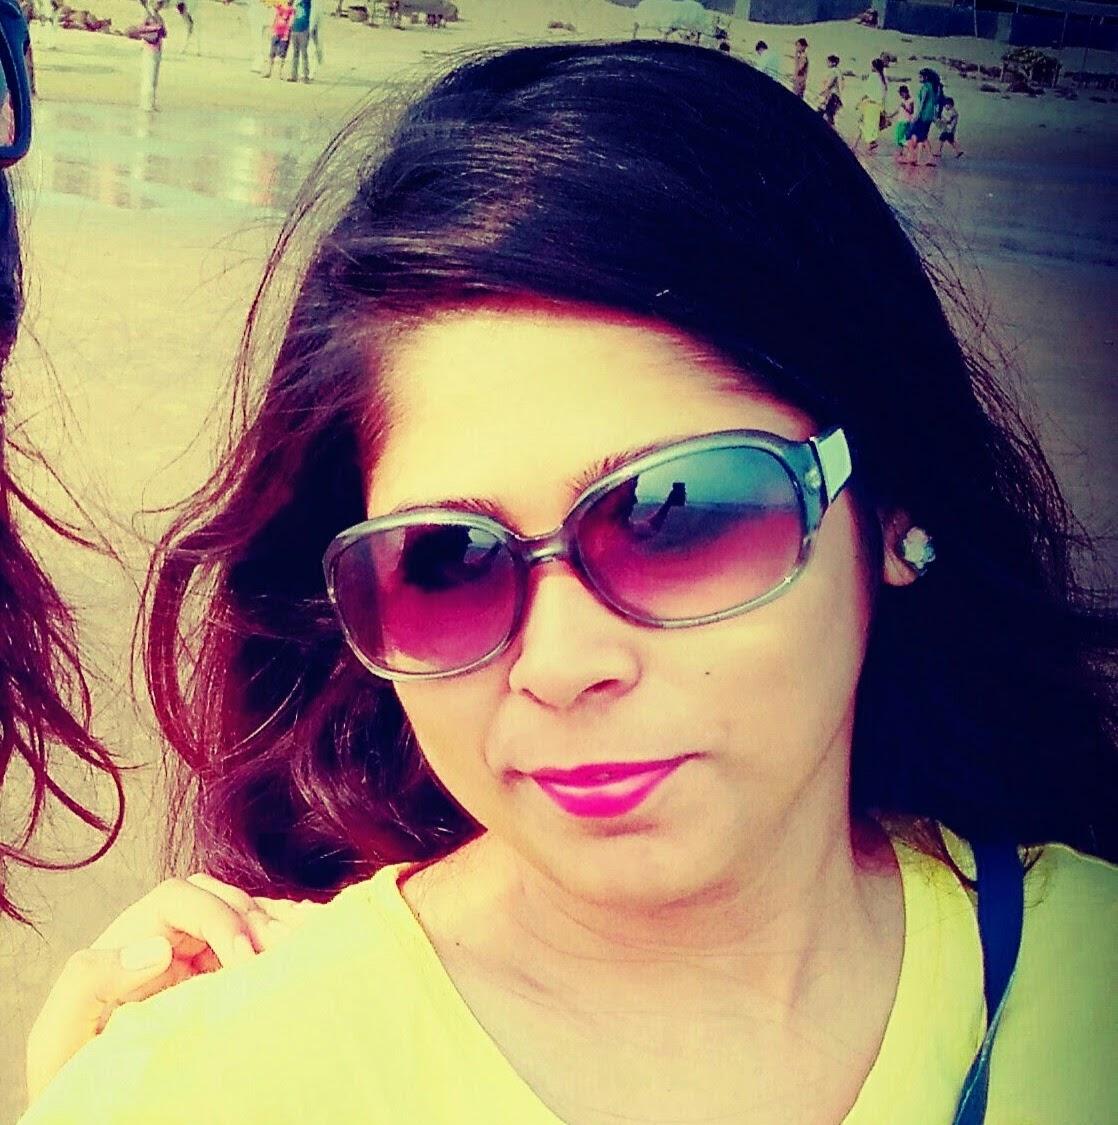 Travel writer Tania Banerjee